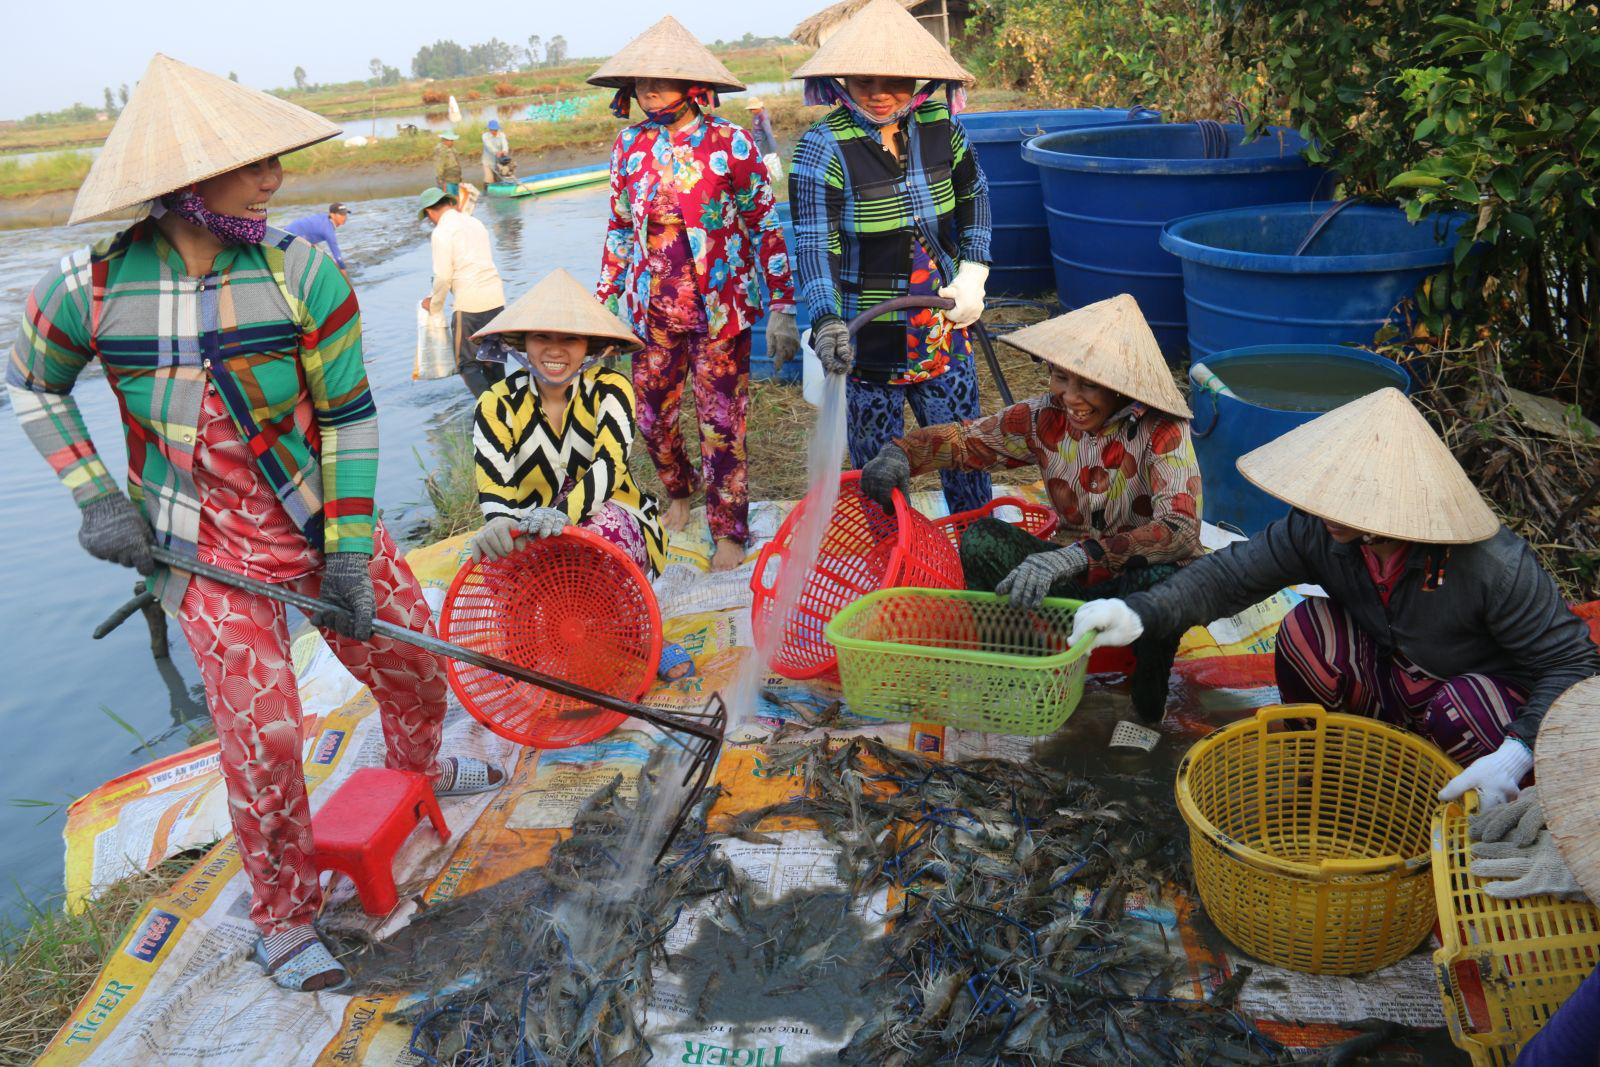 Nông dân Bạc Liêu bảo nhau nuôi tôm kiểu này nên cứ 1 ha bỏ túi 100 triệu đồng - Ảnh 1.